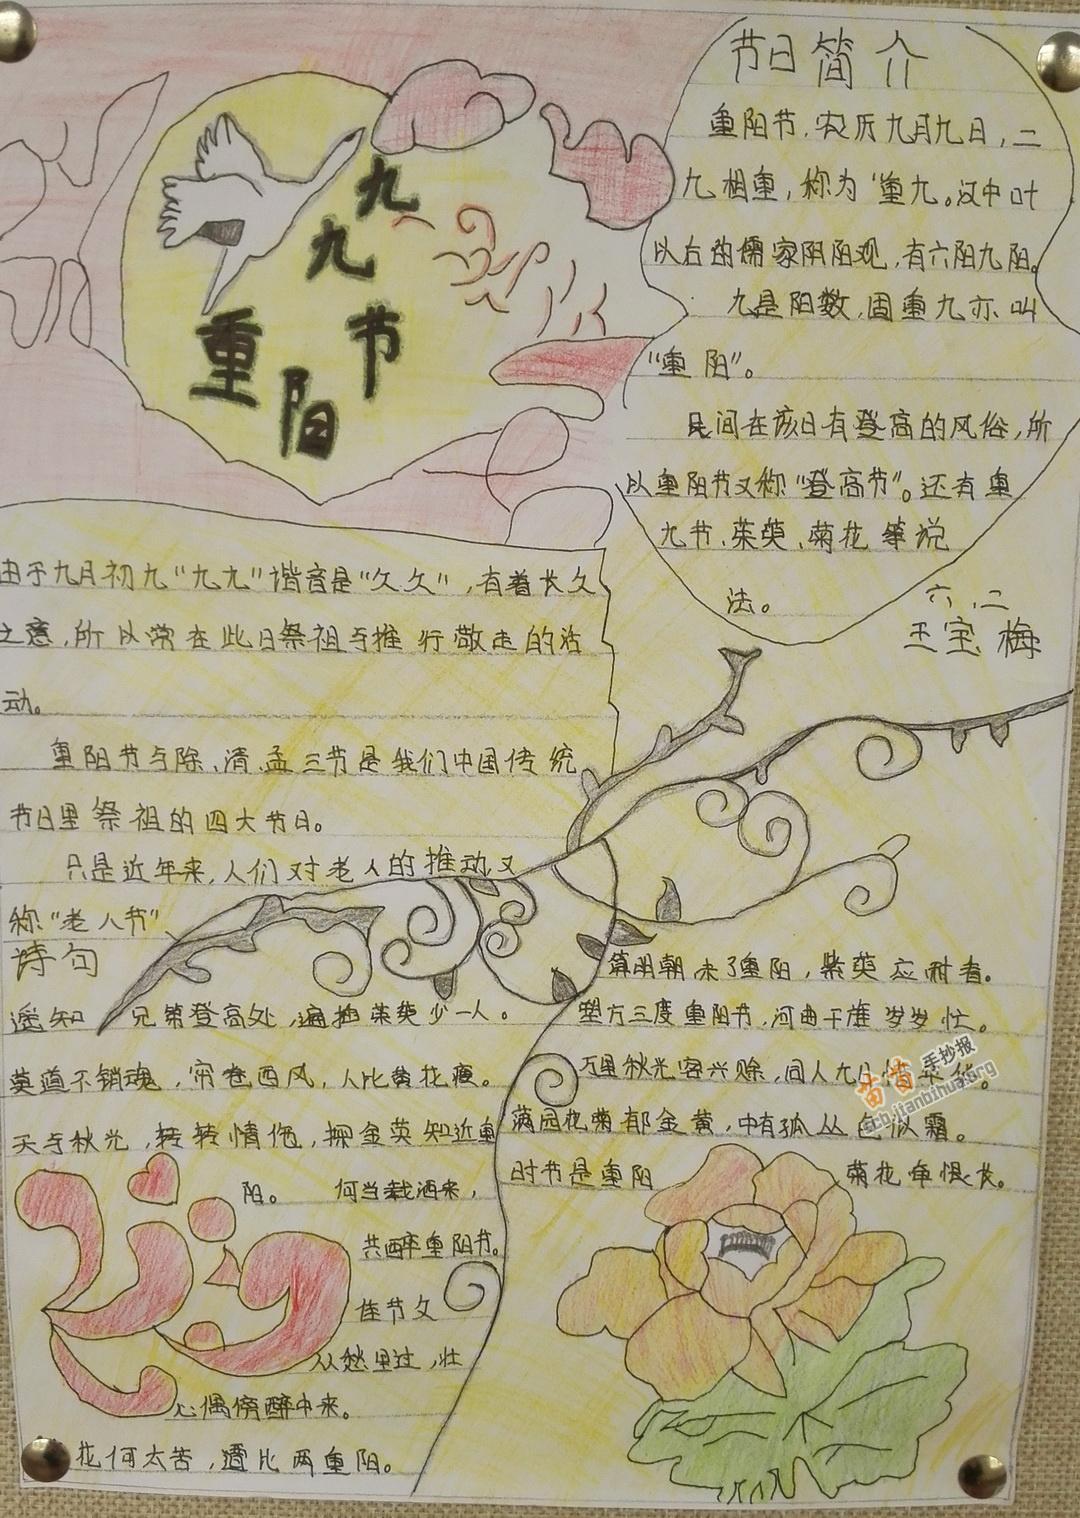 九九重阳节(老人节)手抄报版面设计边框图案古诗... - 爱扬教育网